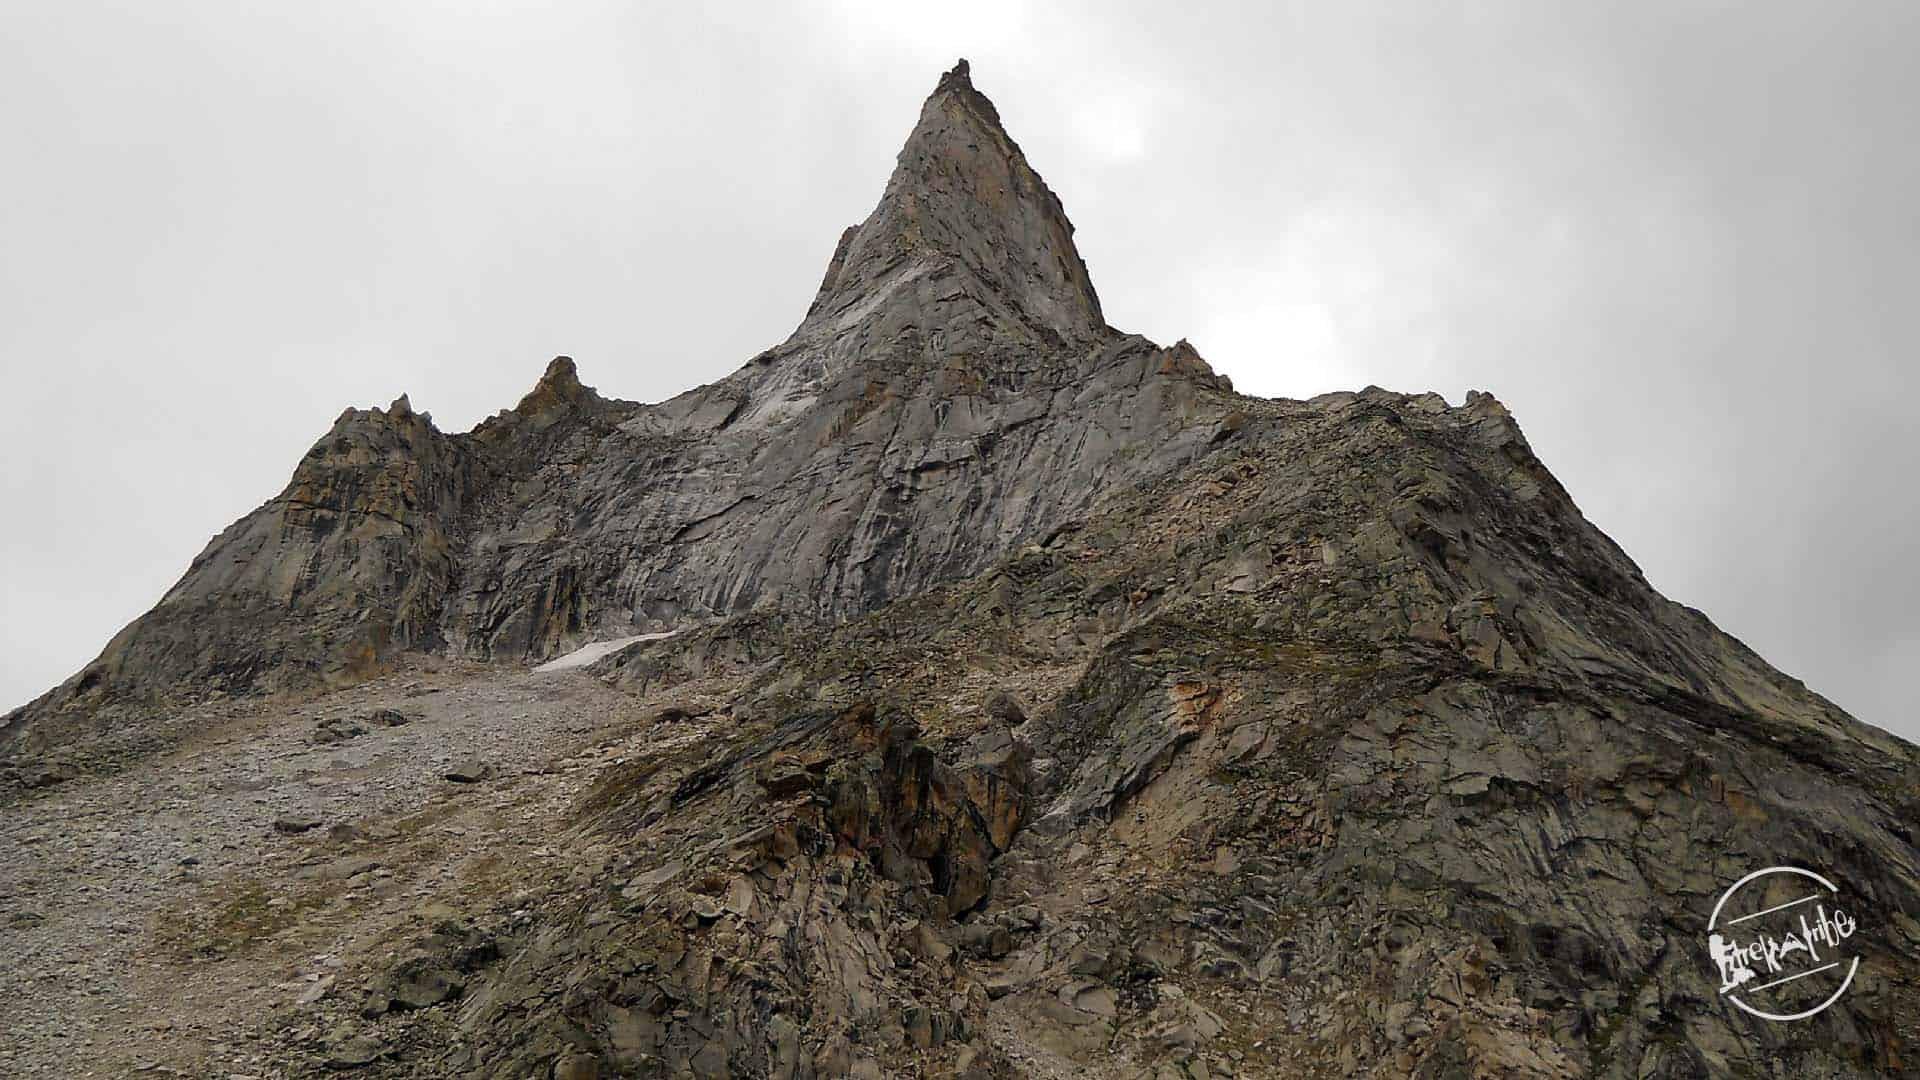 neekanth mahadev trekking - view of kailash peak